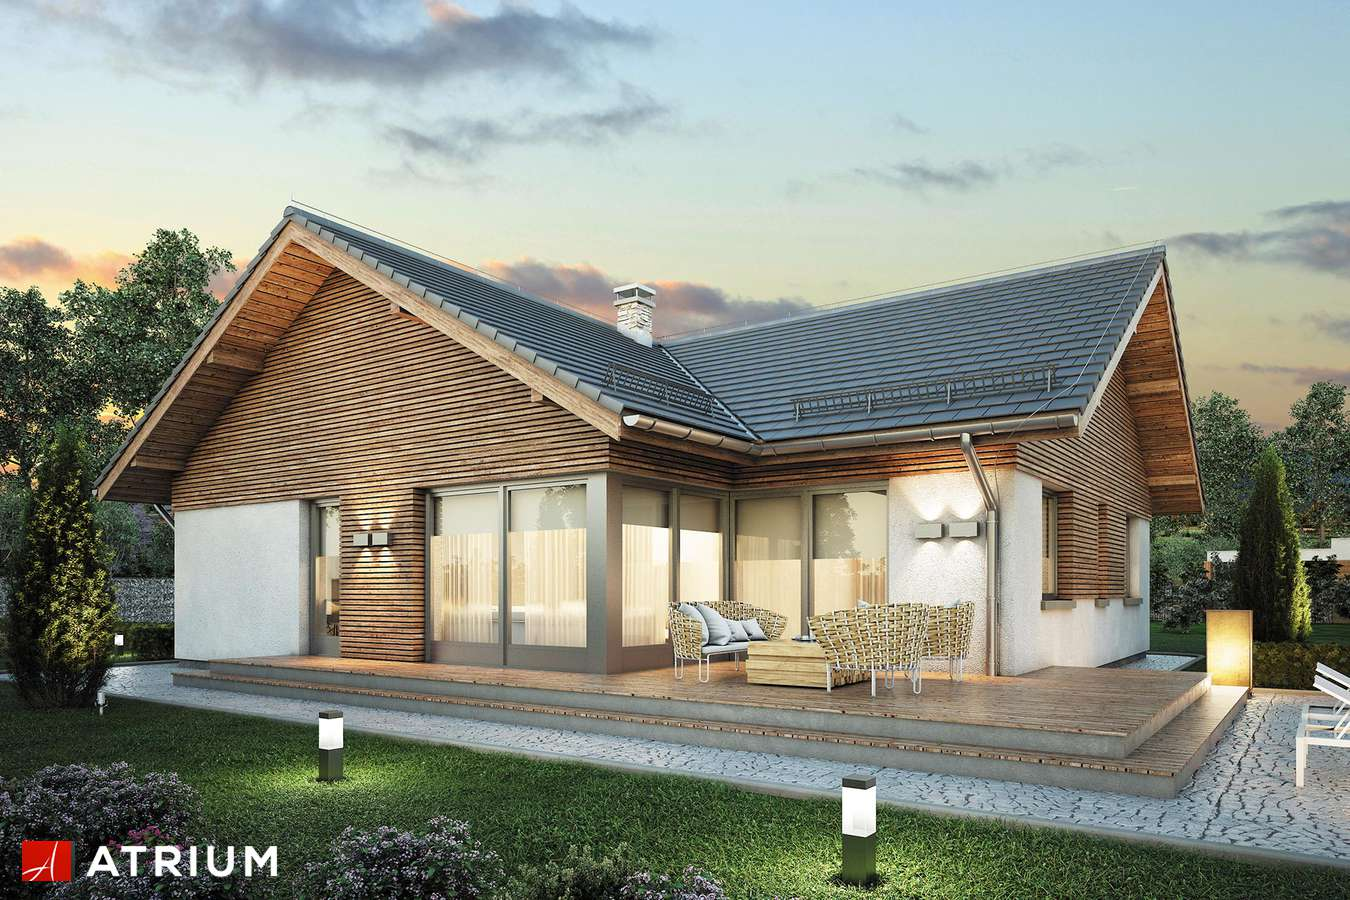 Projekty domów - Projekt domu parterowego WINSTON X - wizualizacja 2 - wersja lustrzana